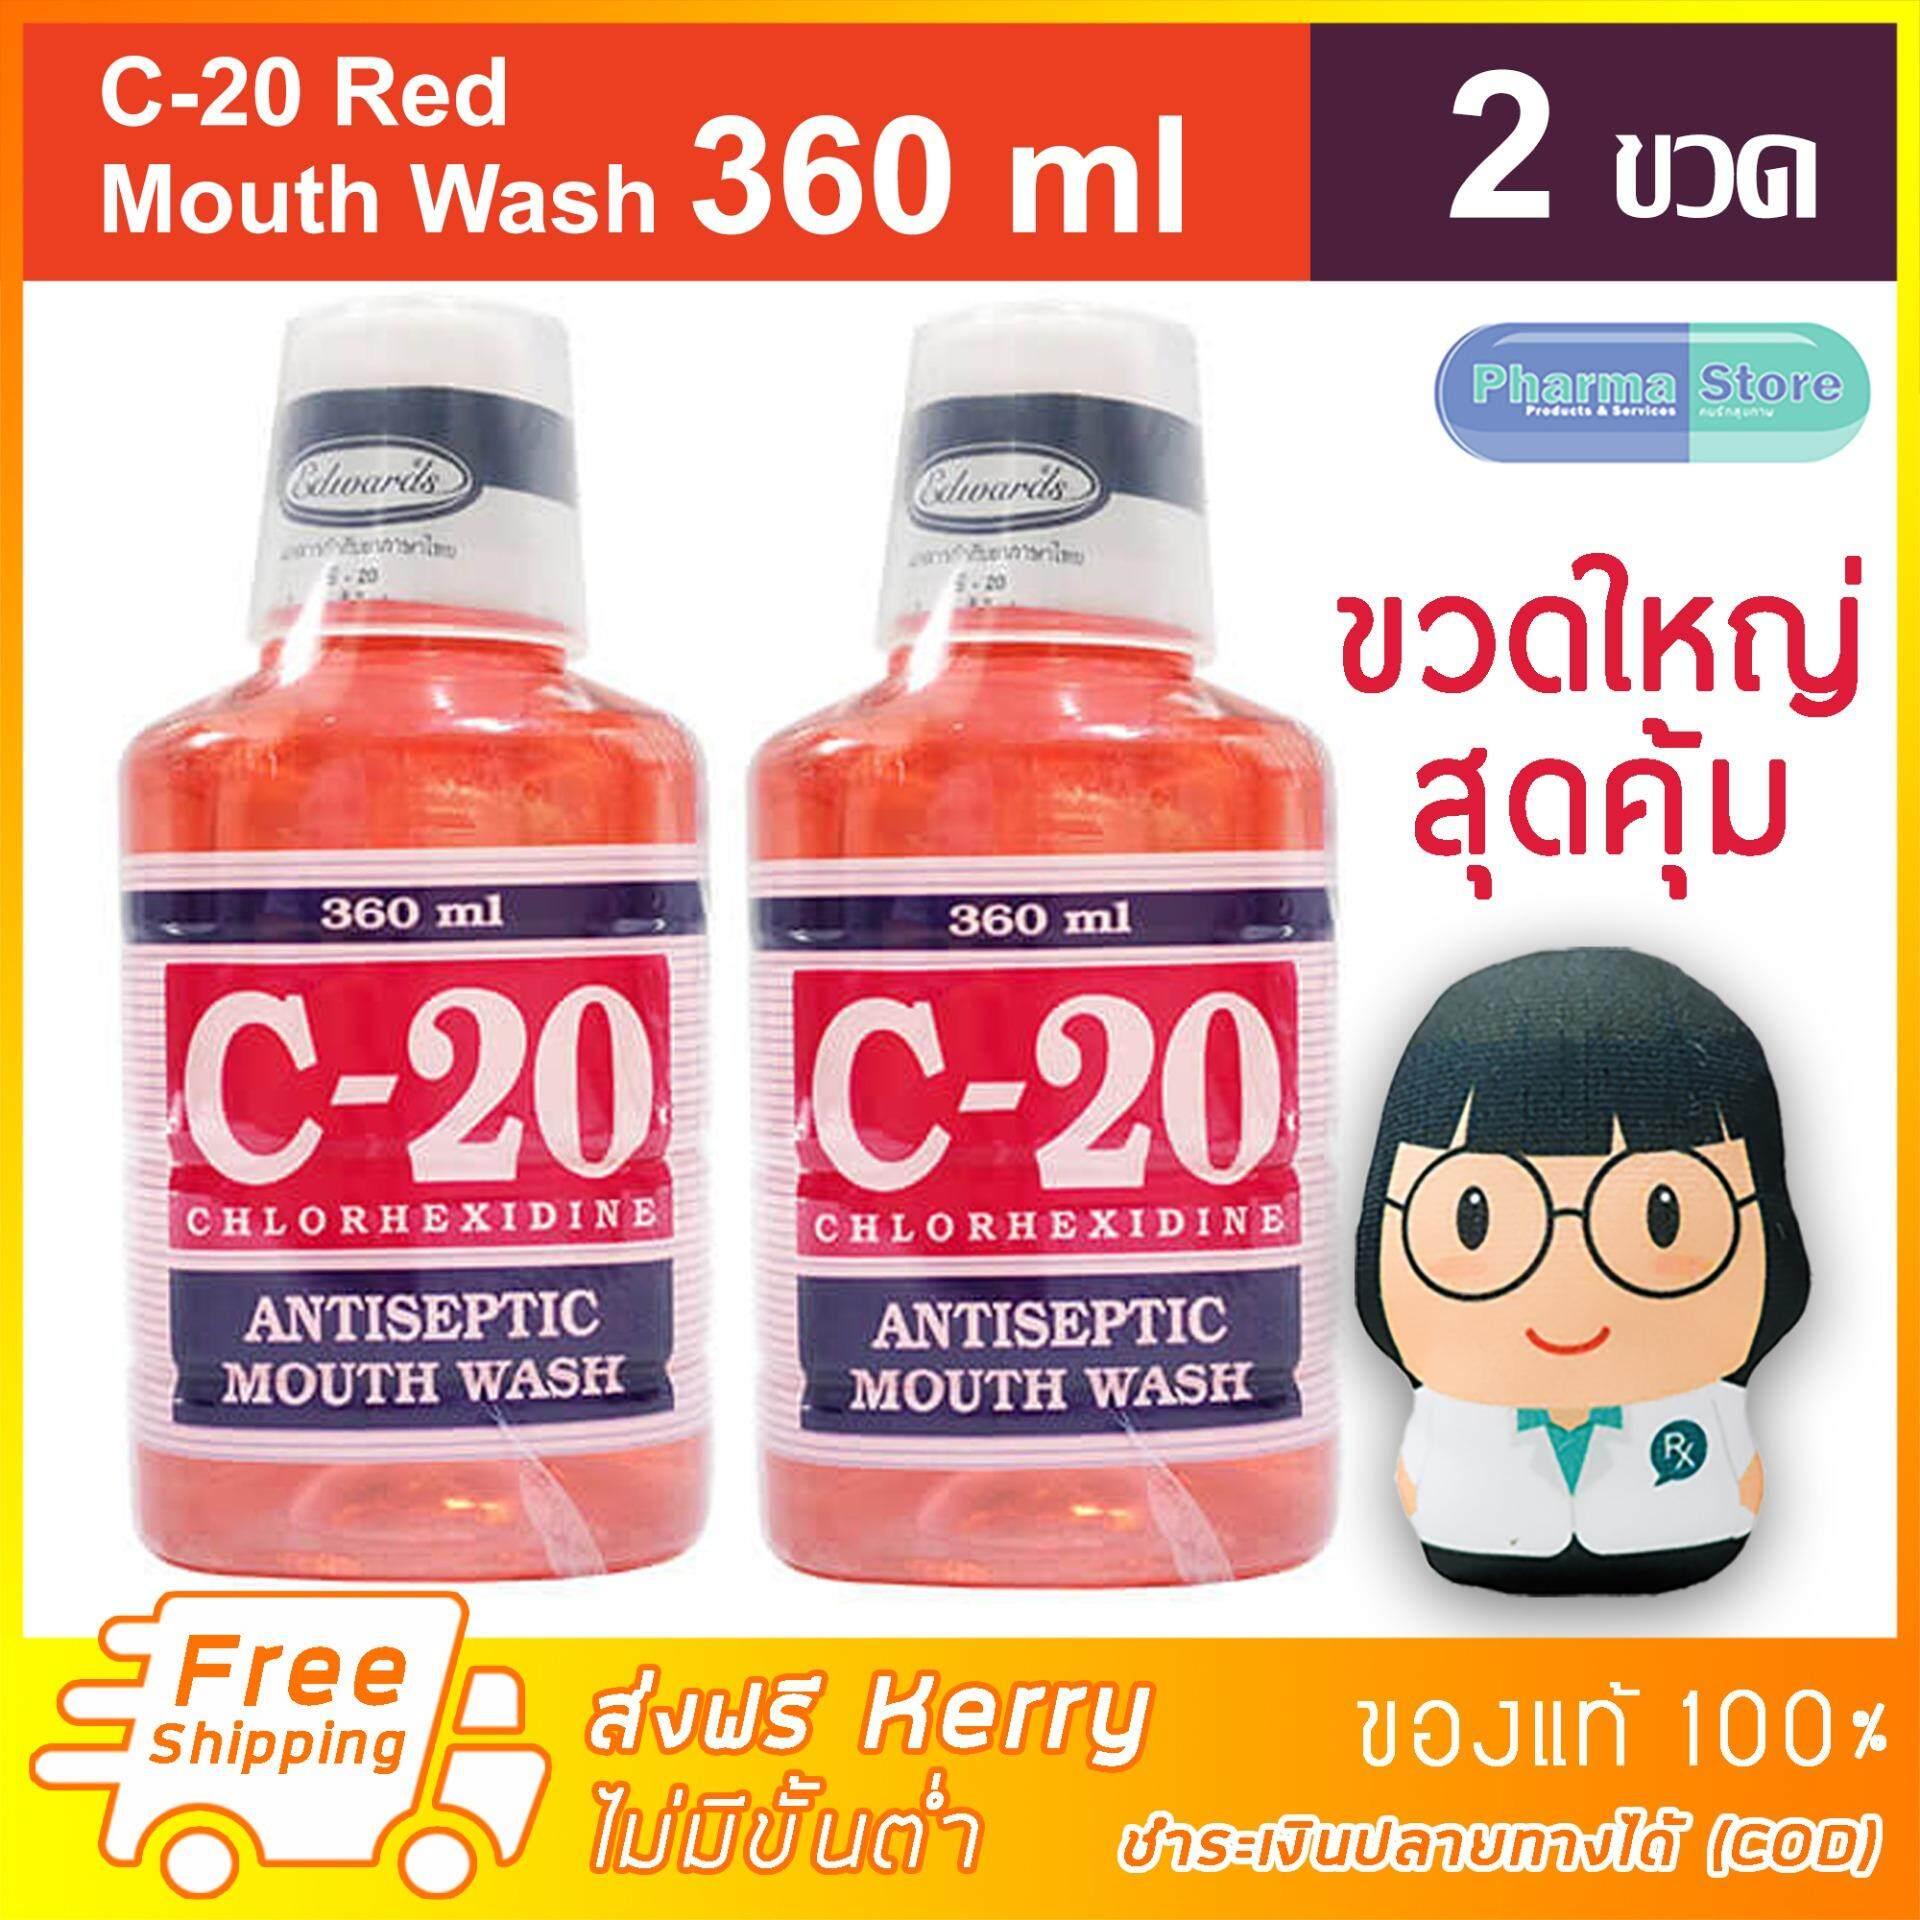 [2ขวด ส่งฟรี Kerry ไม่มีขั้นต่ำ] น้ำยาบ้วนปาก C20 C-20 สูตร สีแดงชมพู 360 ml Chlorhexidine Antiseptic Mouth Wash / mouthwash / น้ำยาบ้วนปาก